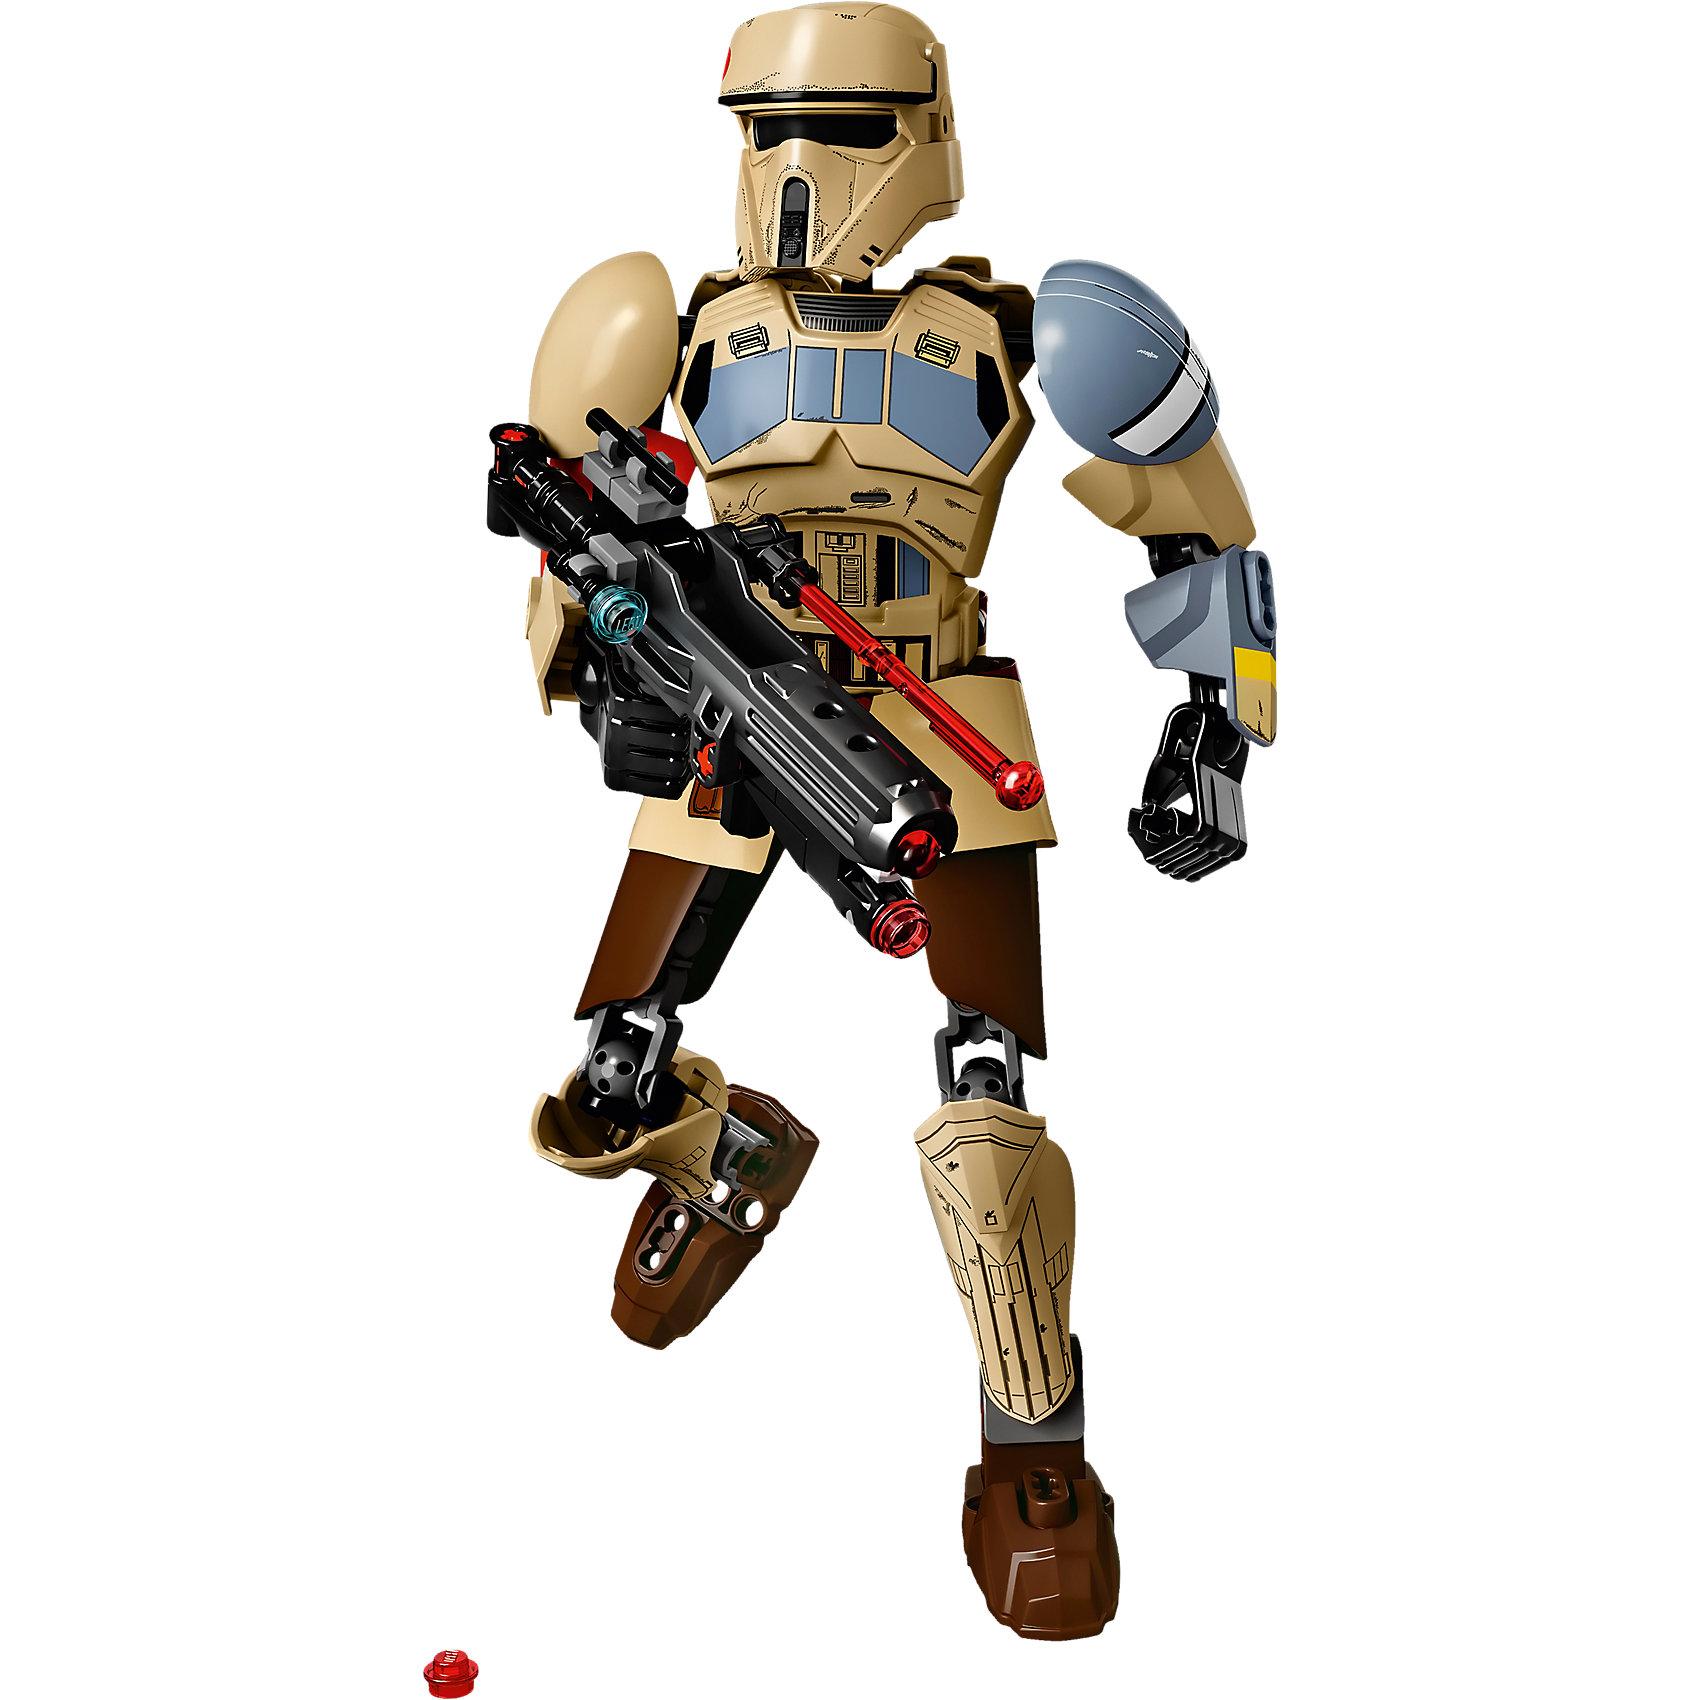 """LEGO Star Wars 75523: Штурмовик со СкарифаLEGO Star Wars 75523: Штурмовик со Скарифа<br><br>Характеристики:<br><br>- в набор входит: штурмовик, оружие,  инструкция<br>- состав: пластик<br>- количество деталей: 89<br>- примерное время сборки: 20 минут<br>- размер упаковки: 10 * 3 * 8 см.<br>- высота штурмовика: 24 см.<br>- для детей в возрасте: от 7 до 14 лет<br>- Страна производитель: Дания/Китай/Чехия/<br><br>Легендарный конструктор LEGO (ЛЕГО) представляет серию """"Звездные Войны"""" с героями одноименных фильмов. Этот набор относится к битве на Скарифе и событиям фильма """"Изгой-один. Звёздные войны: Истории"""". Штурмовиков с планеты Скариф отличает их новый блеклый цвет формы и потертости в битвах, что и отражено на фигуре штурмовика из набора. Часть костюма выполнена из мягкого пластика. Руки поворачиваются в плечах, локтях и кистях, а ноги в бедрах, коленях и ступнях, фигурку удобно ставить в желаемые позы. Шлем штурмовика выполнен очень детально и качественно. На деталях отсутствуют наклейки, все рисунки и потертости напечатаны на деталях. Множество декоративных элементов делают штурмовика почти настоящим. Бластерная винтовка с прицелом и съемным прикладом готова защищать интересы Империи. Две пружинные ракеты стреляют из бластера двумя видами выстрела. Красная повязка на правой руке штурмовика показывает, что он не обычный штурмовик, а скорее всего офицер или командующий. Присоединись к команде Галактической Империи и совершенствуй свою силу. <br><br>Конструктор LEGO Star Wars 75523: Штурмовик со Скарифа можно купить в нашем интернет-магазине.<br><br>Ширина мм: 263<br>Глубина мм: 144<br>Высота мм: 66<br>Вес г: 240<br>Возраст от месяцев: 84<br>Возраст до месяцев: 168<br>Пол: Мужской<br>Возраст: Детский<br>SKU: 5002382"""